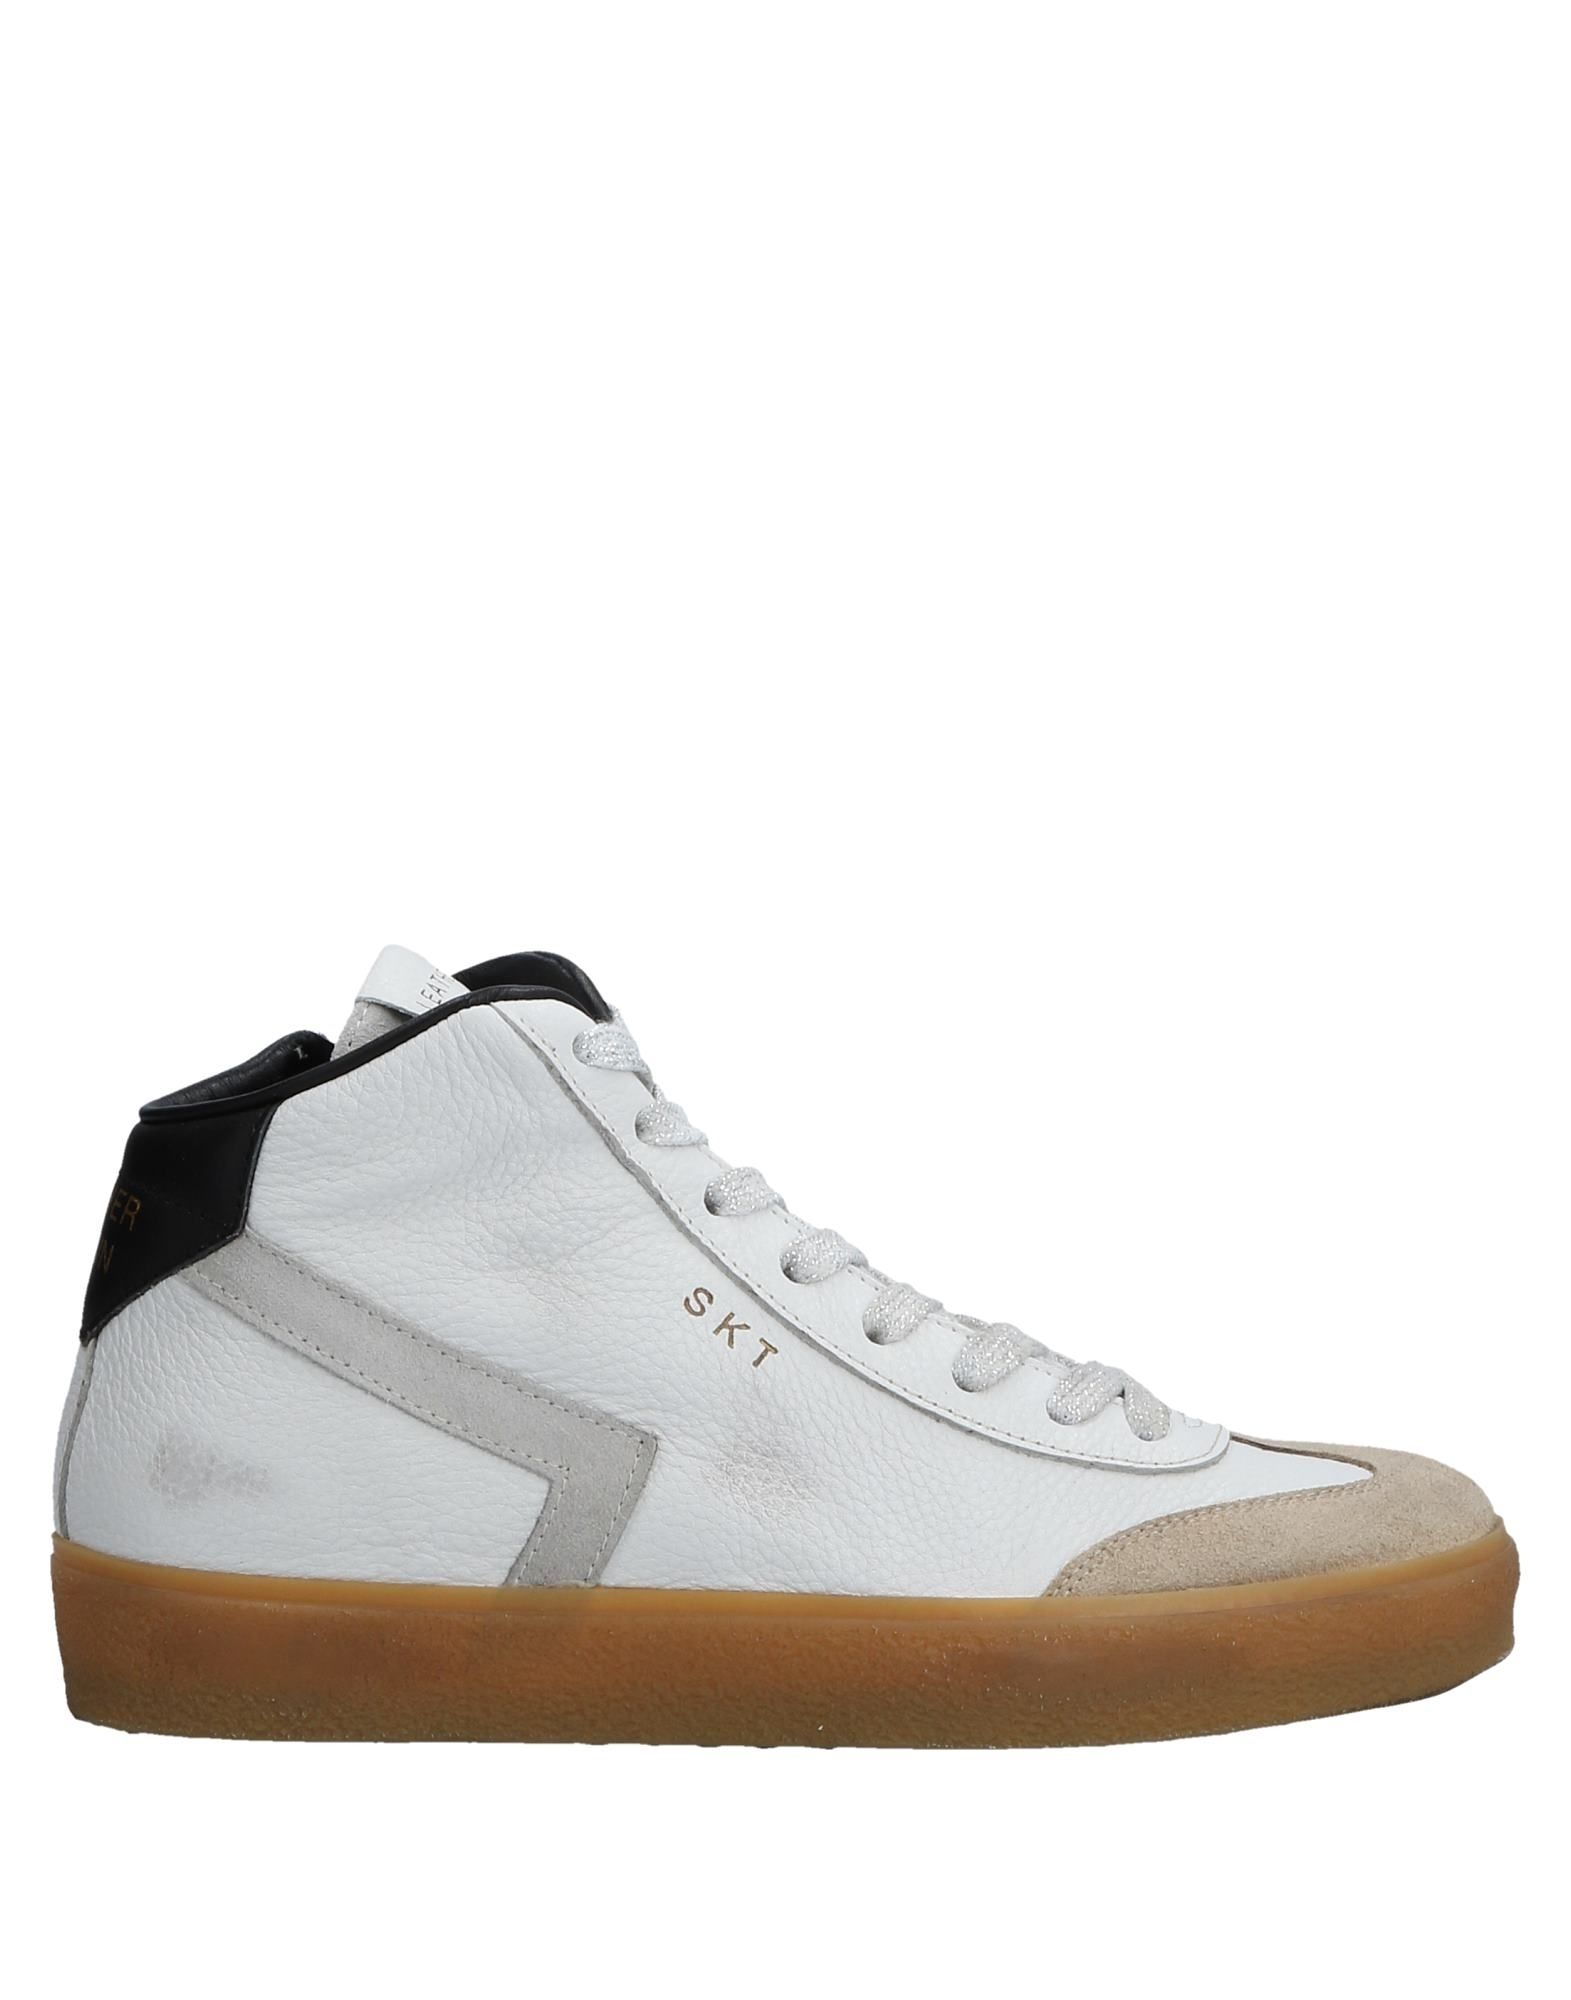 Stilvolle billige Schuhe Leather  Crown Sneakers Damen  Leather 11532077EW 065d3b